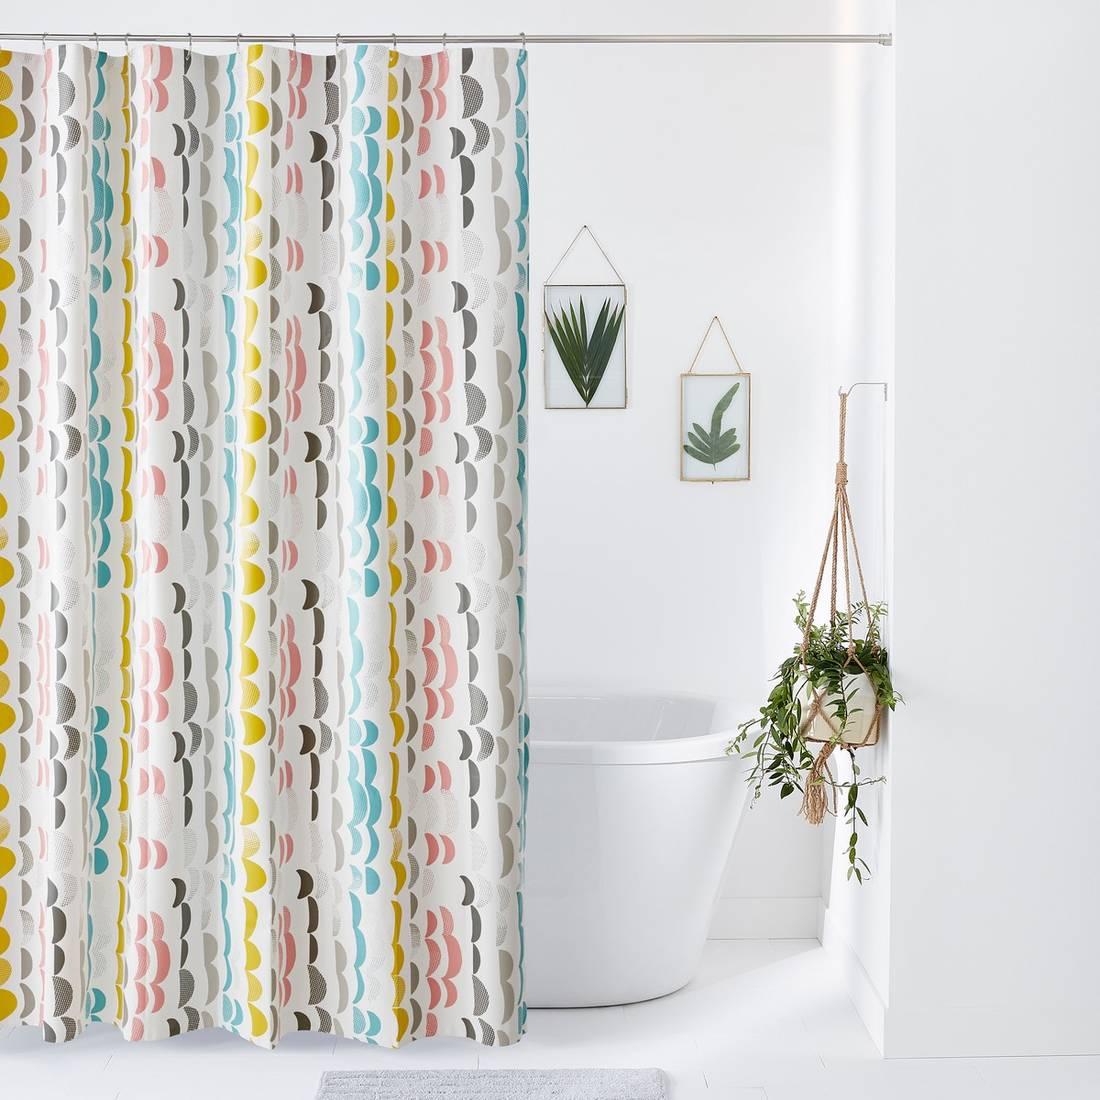 тканевая штора для ванной дизайн